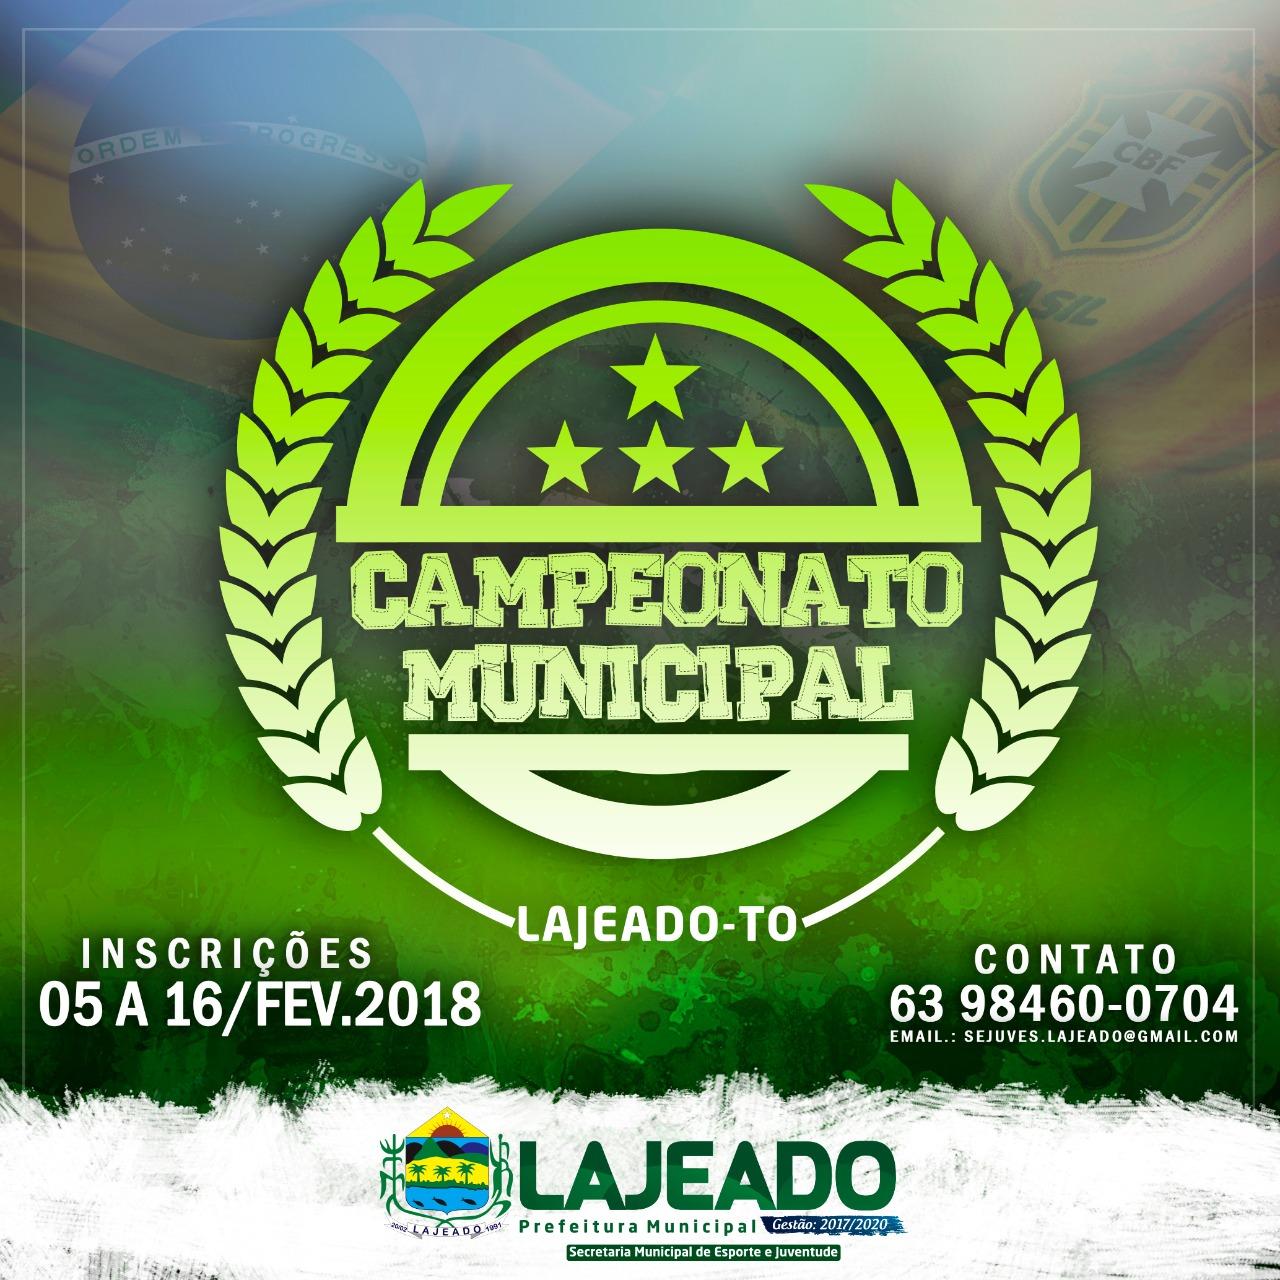 Começa neste sábado o campeonato municipal de futebol de Lajeado